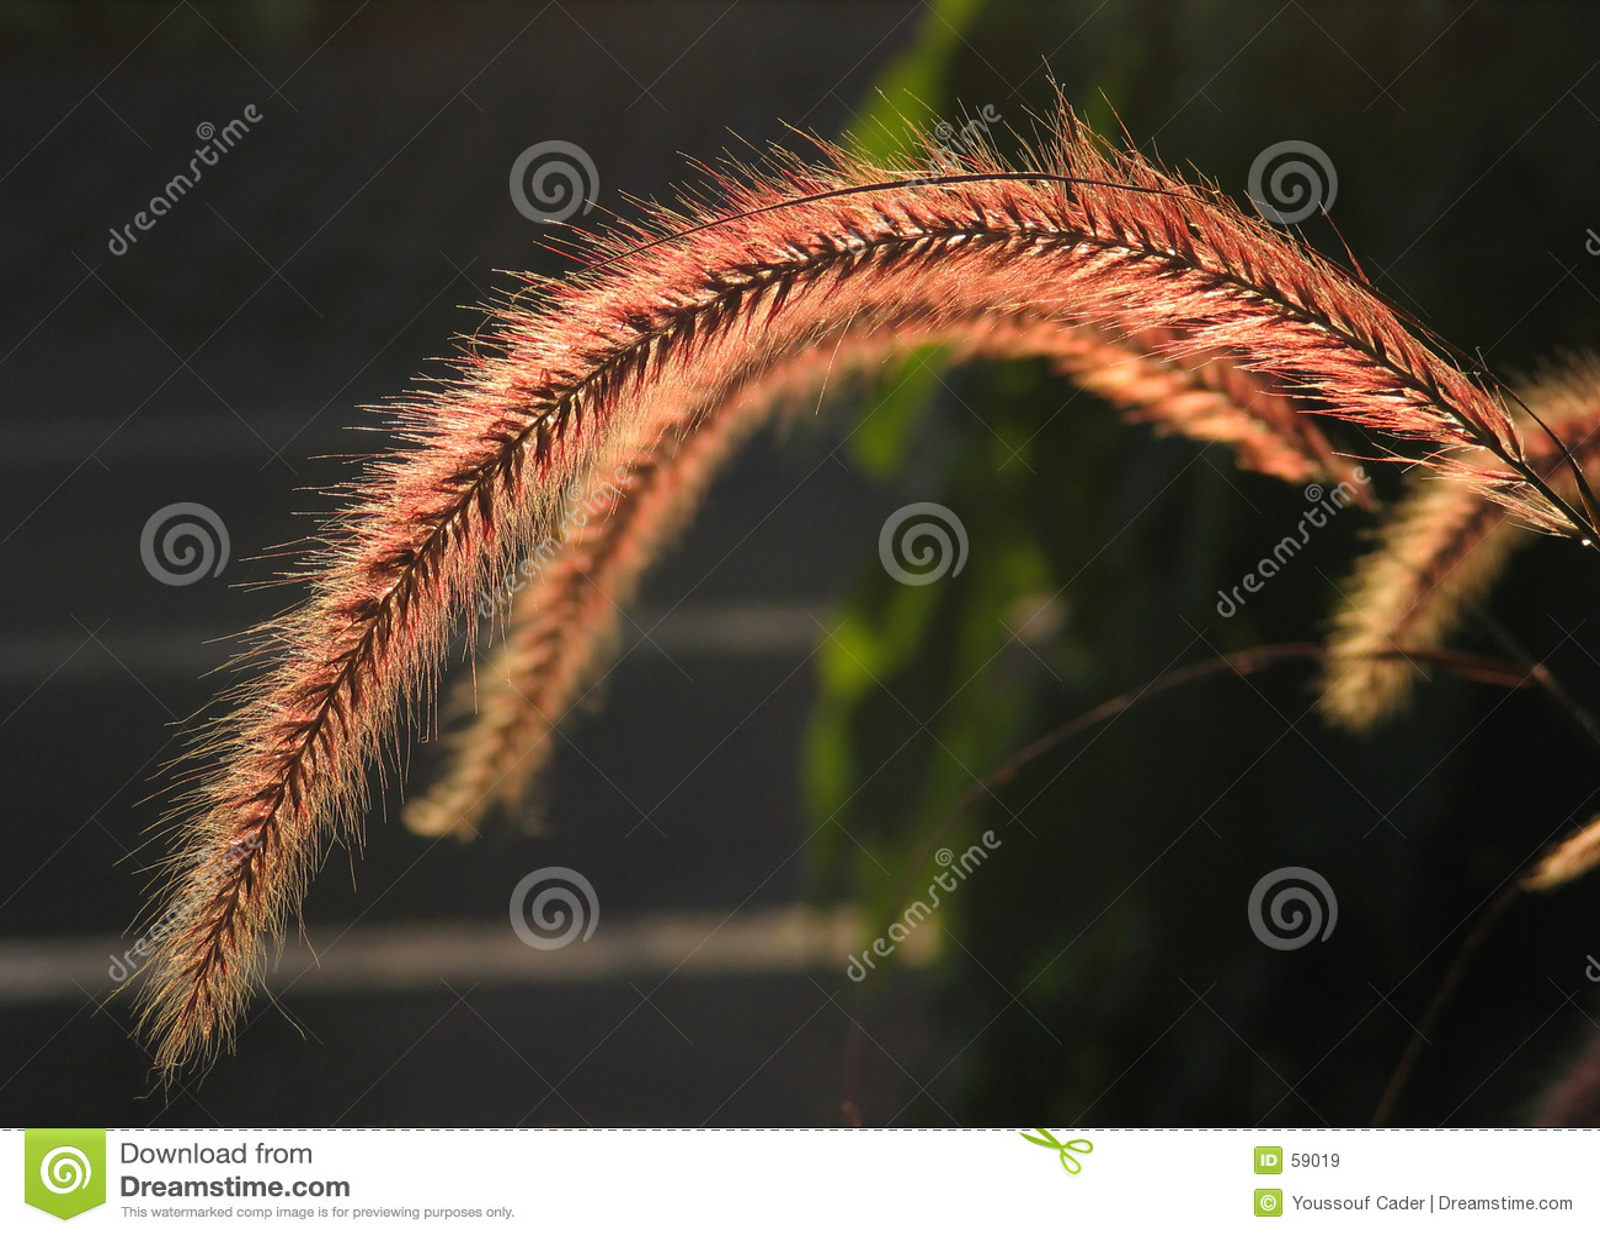 Grass family flower-1210